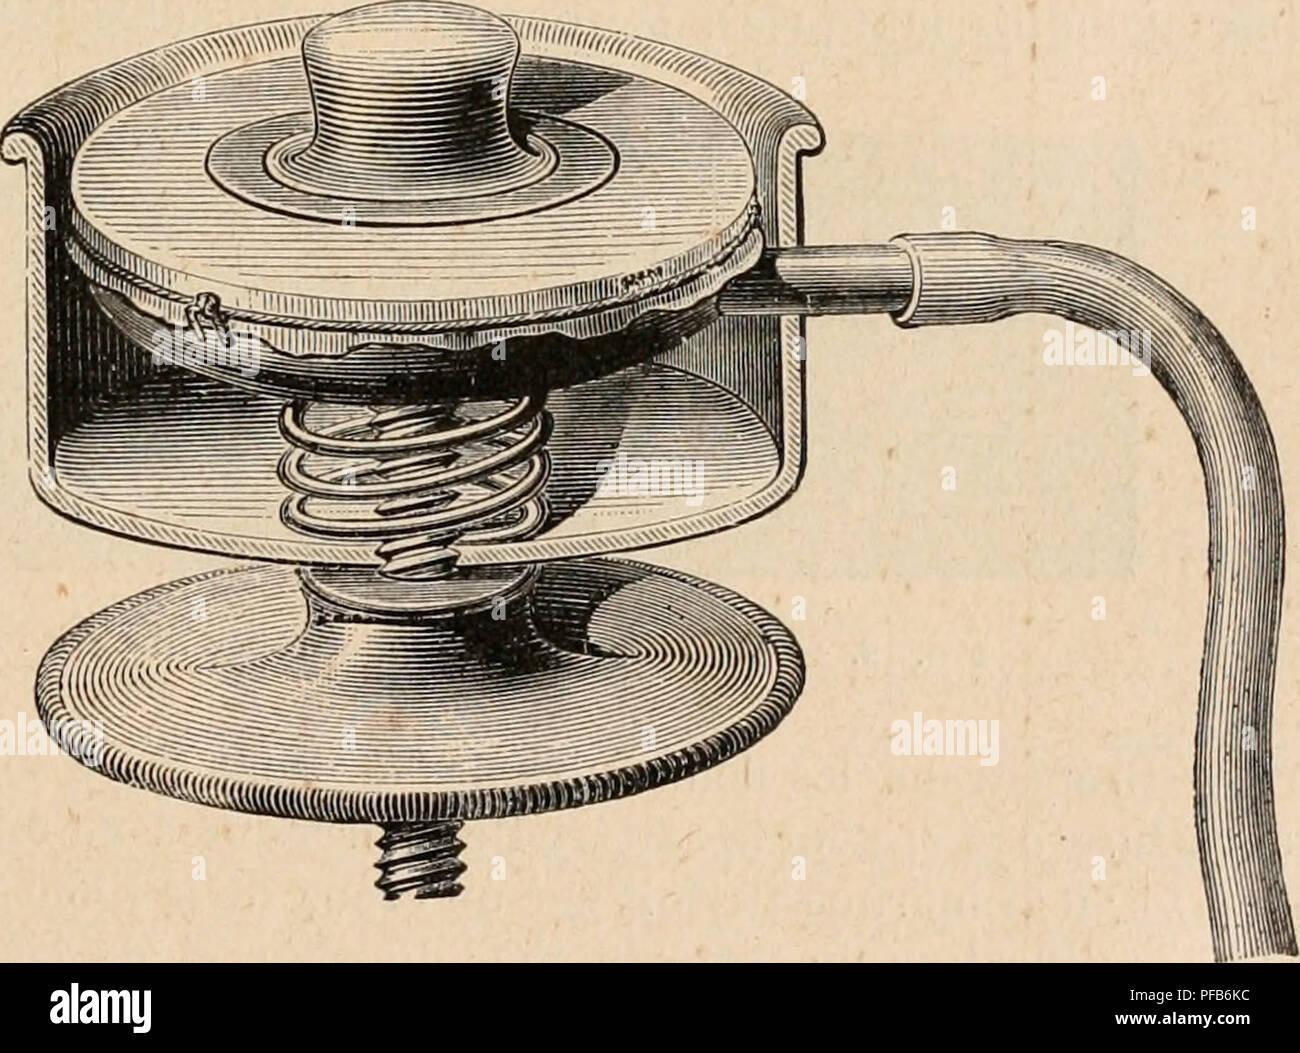 . Dictionnaire de physiologie. Physiology. CARDIOGRAPHE. 161 laire V, notamment l'ondulation A, due à la systole auriculaire, la brusque ascension du début de la systole ventriculaire B, le plateau systolique et ses ondulations, la chute H^HHHMHHHHHHHBHHII ^^^KM wêêêê^^bSI^BêkkmêêêêêbêêêêêêM IgKHB^Hi ^^ÃSSSSSXB^BB^BÃÃÃM ^Sm i^H^^^^^SBinnKSMBiSn^sS ^^^^Bb^SmHI HHHIHH ^^HHvBB BSBBiwBH B B^^mB â jM^n H^H B H ^^^S â u Hh FiG. 16. â Tracés de pression auriculaire (), de pression ventriculaire V et du choc du cÅur P, recueillis simultanément chez le cheval (Marey, Circulation du s - Stock Image